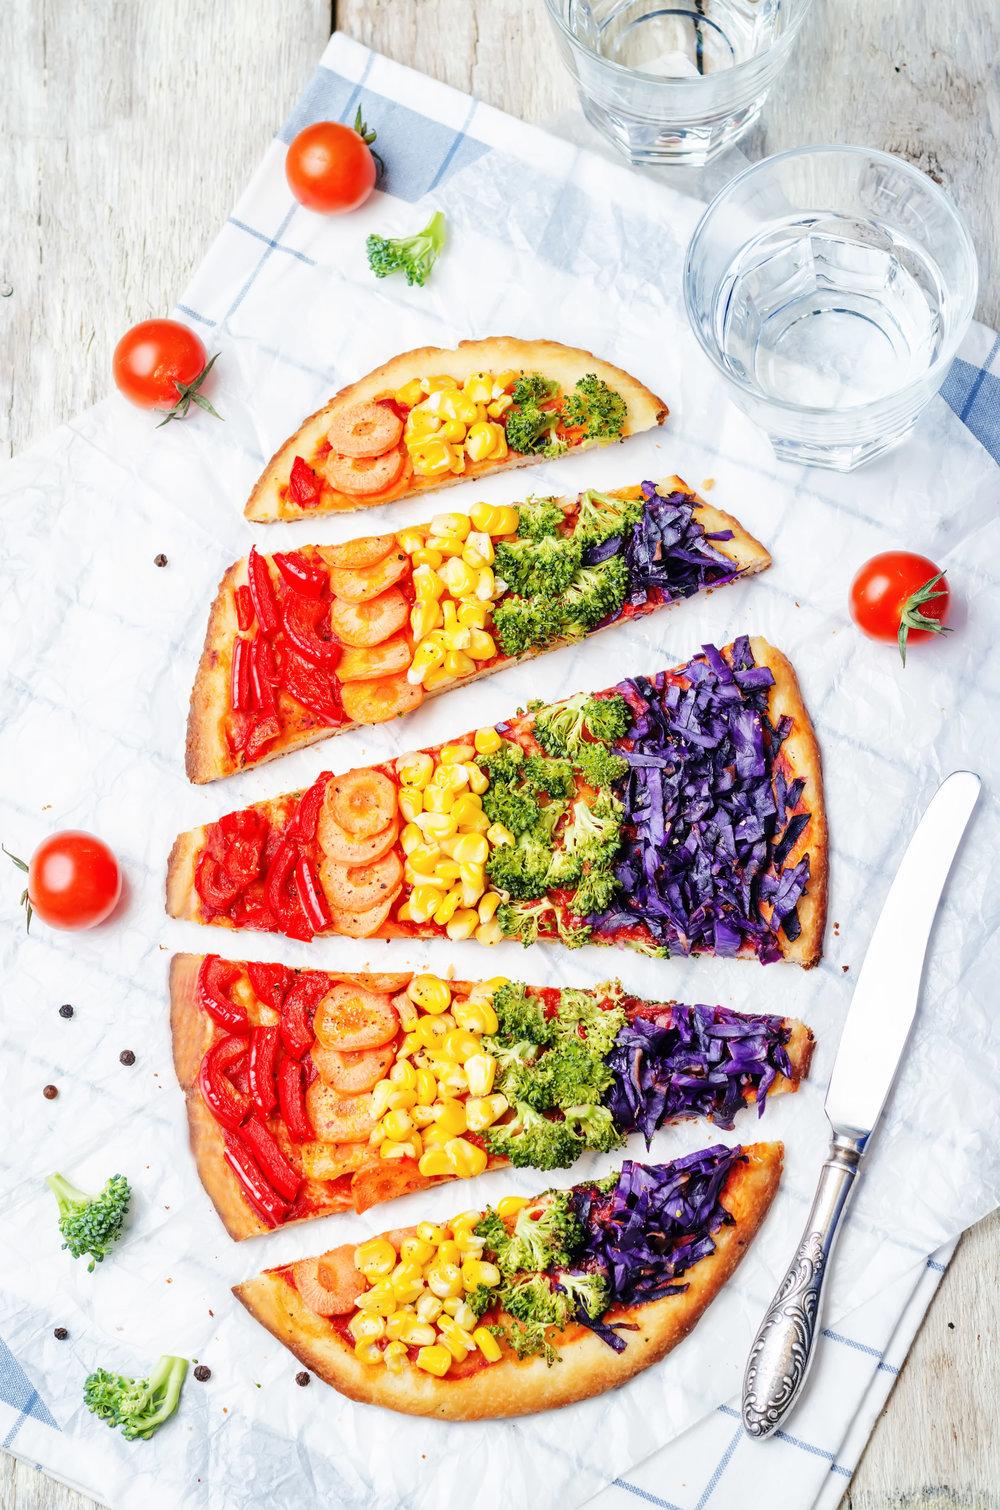 rainbow-vegan-pizza-PW5LZEY.jpg